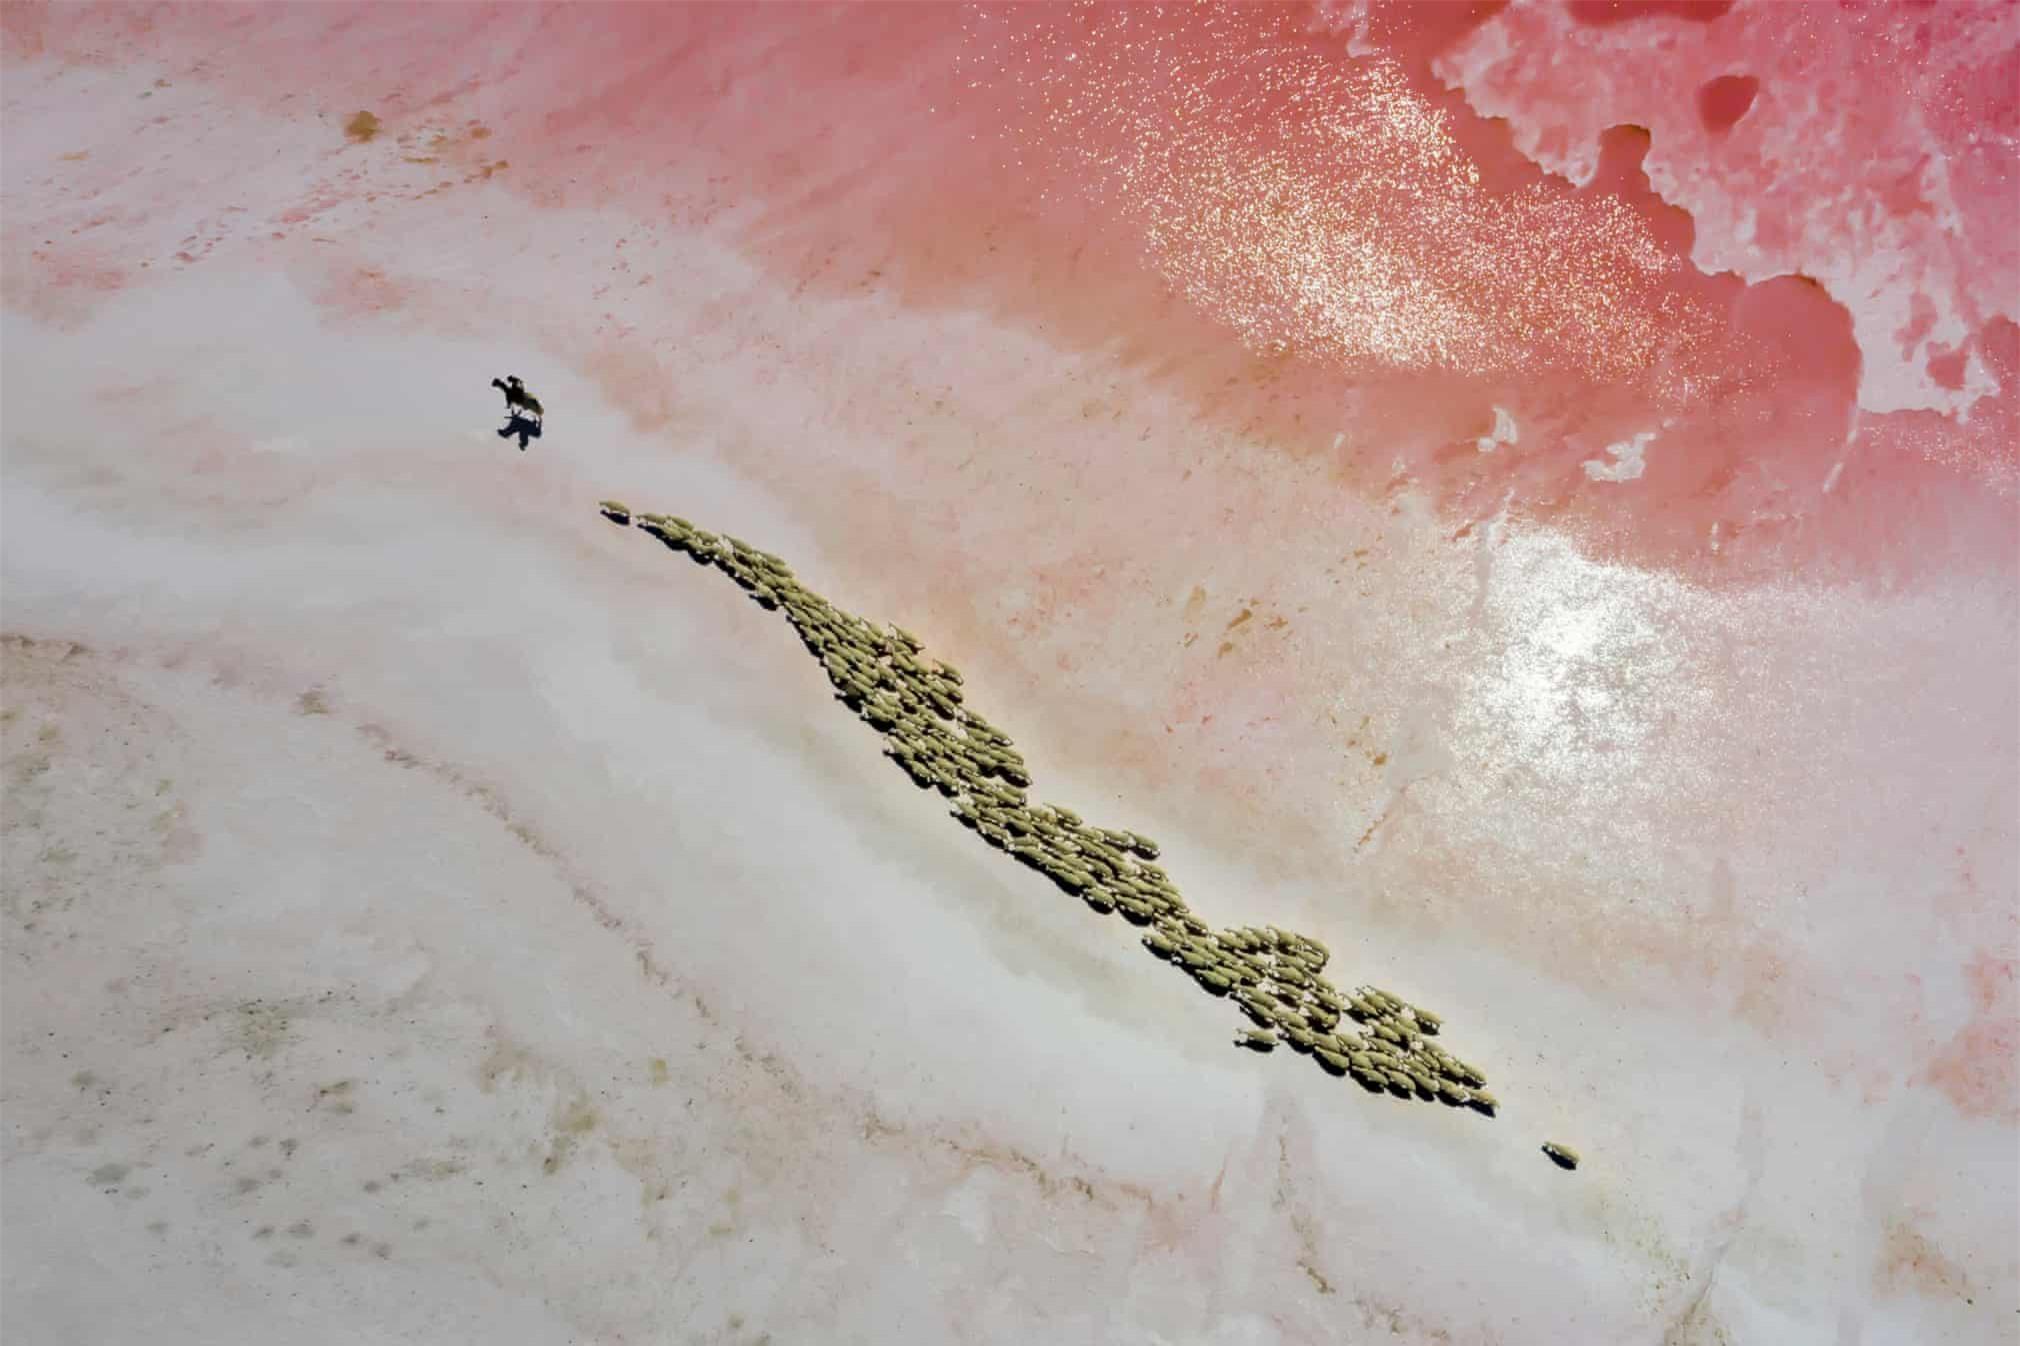 Cảnh phơi cá ở Việt Nam vào top ảnh đẹp thế giới - Ảnh 2.